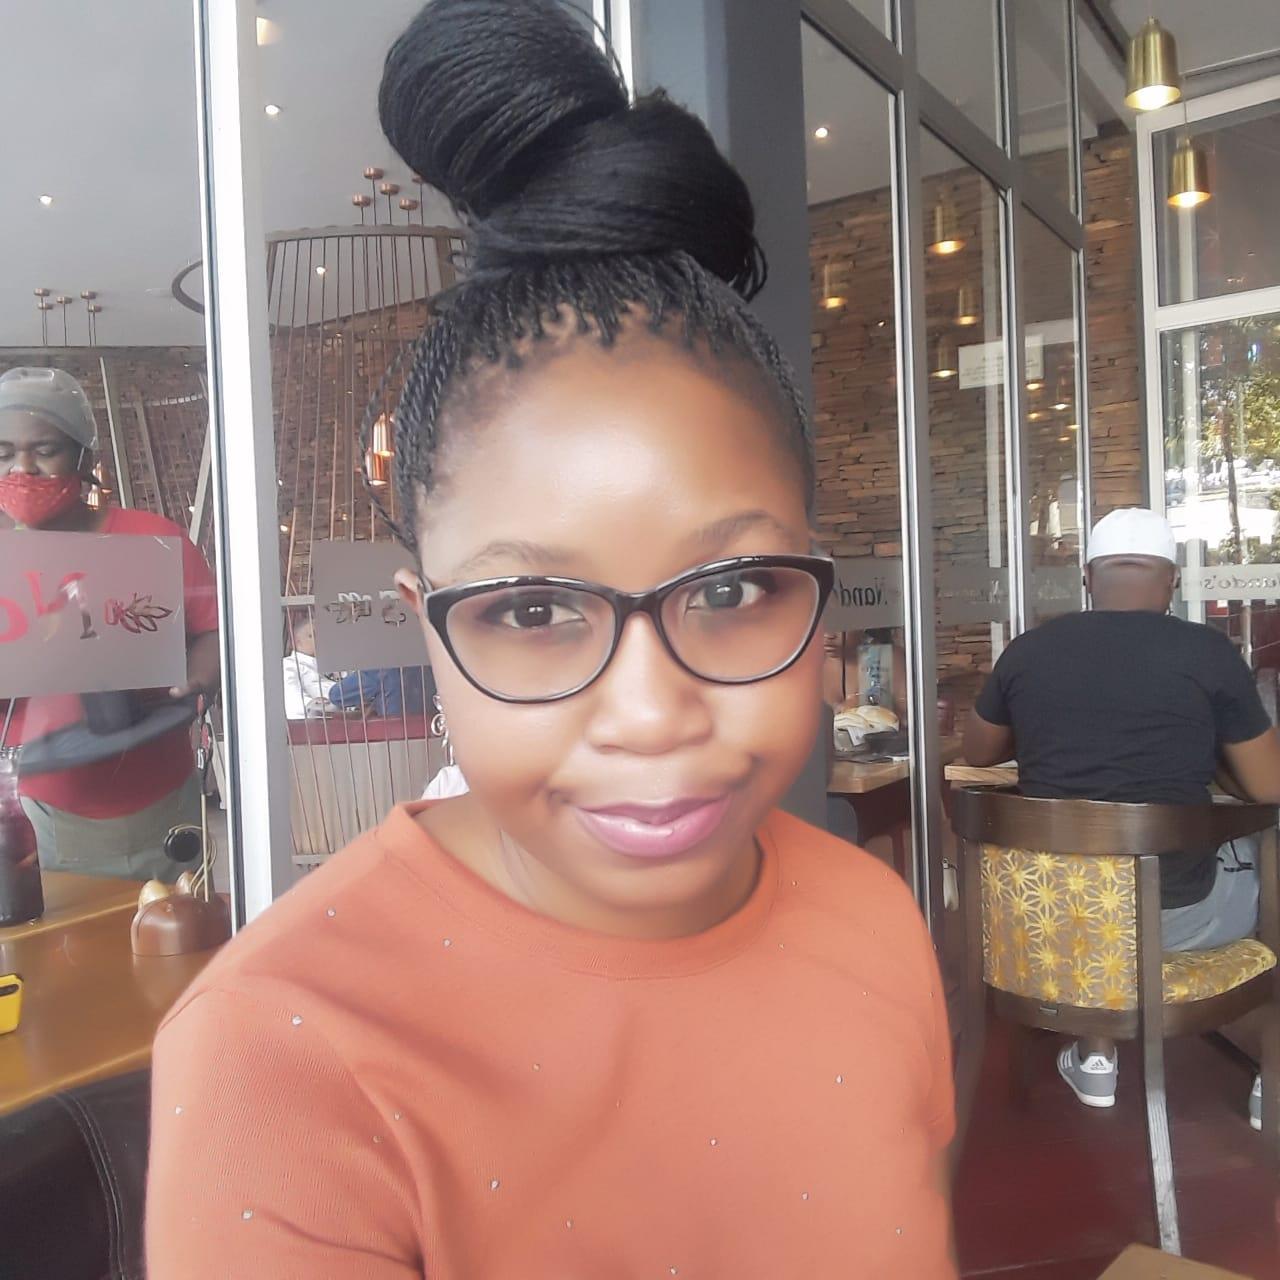 Phephisile Mathizerd Nkanyezi